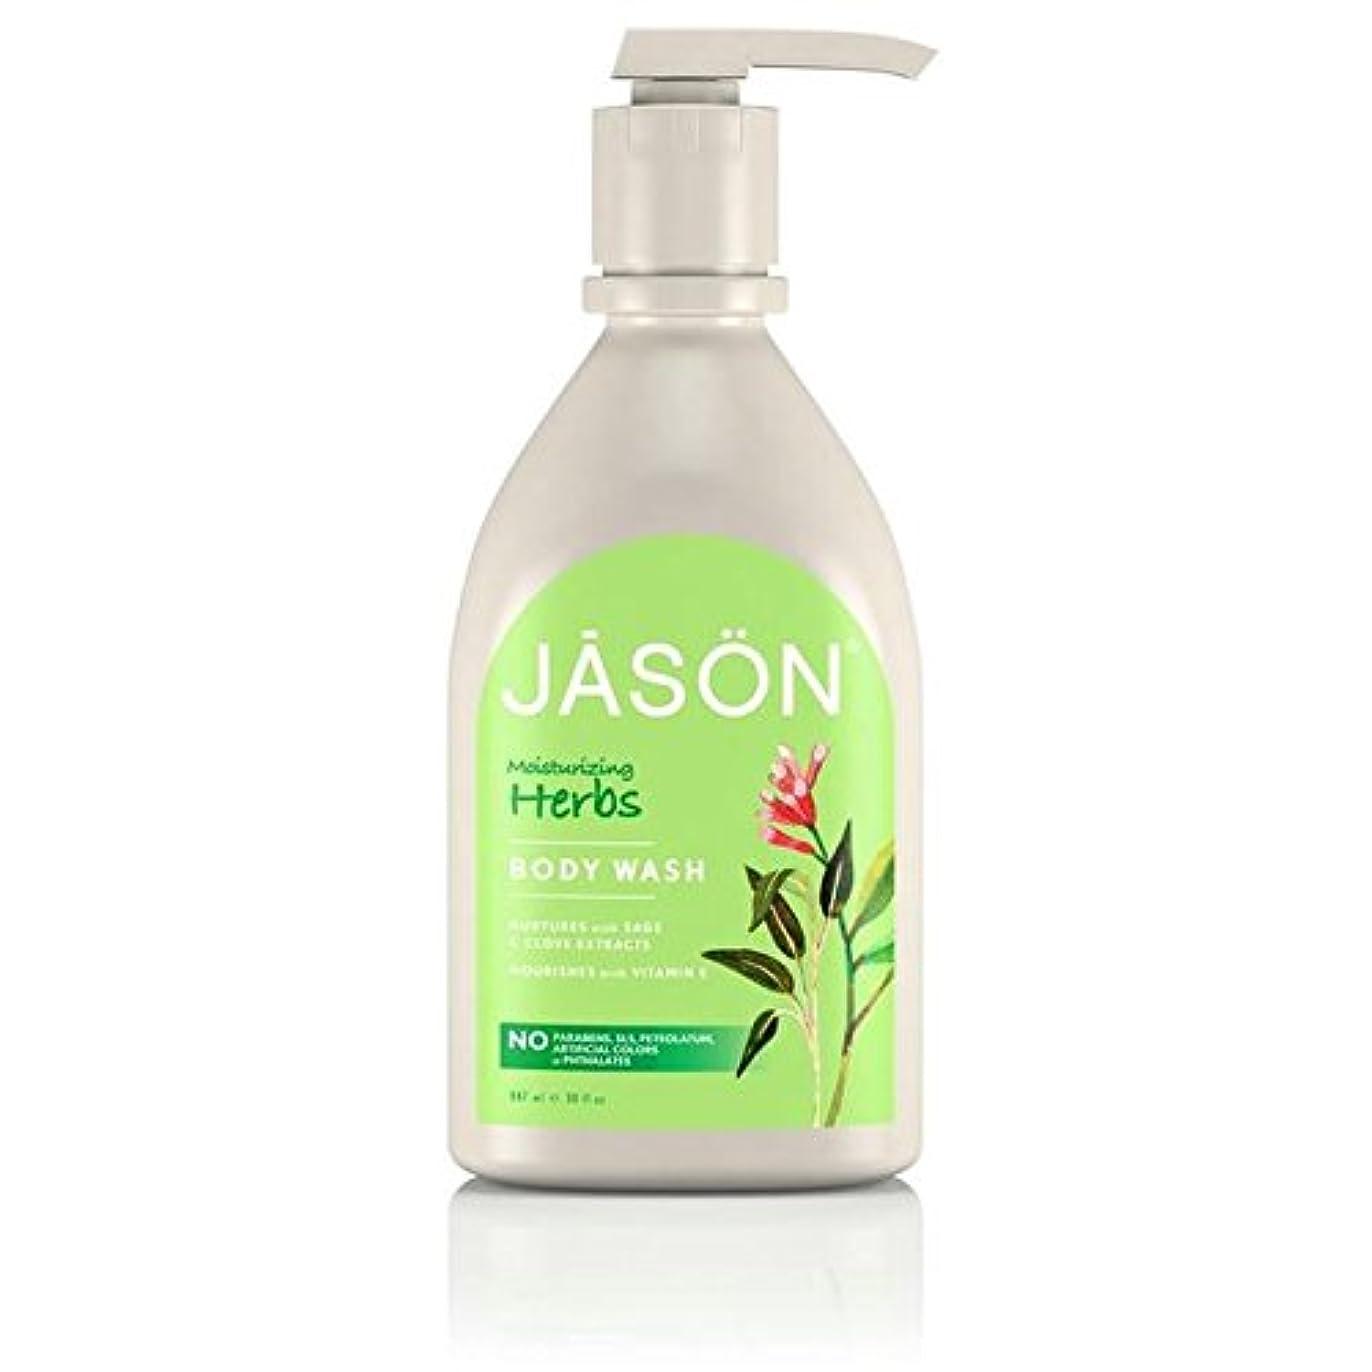 初心者教育学ハチJason Herbal Satin Body Wash Pump 900ml - ジェイソン?ハーブサテンボディウォッシュポンプ900ミリリットル [並行輸入品]